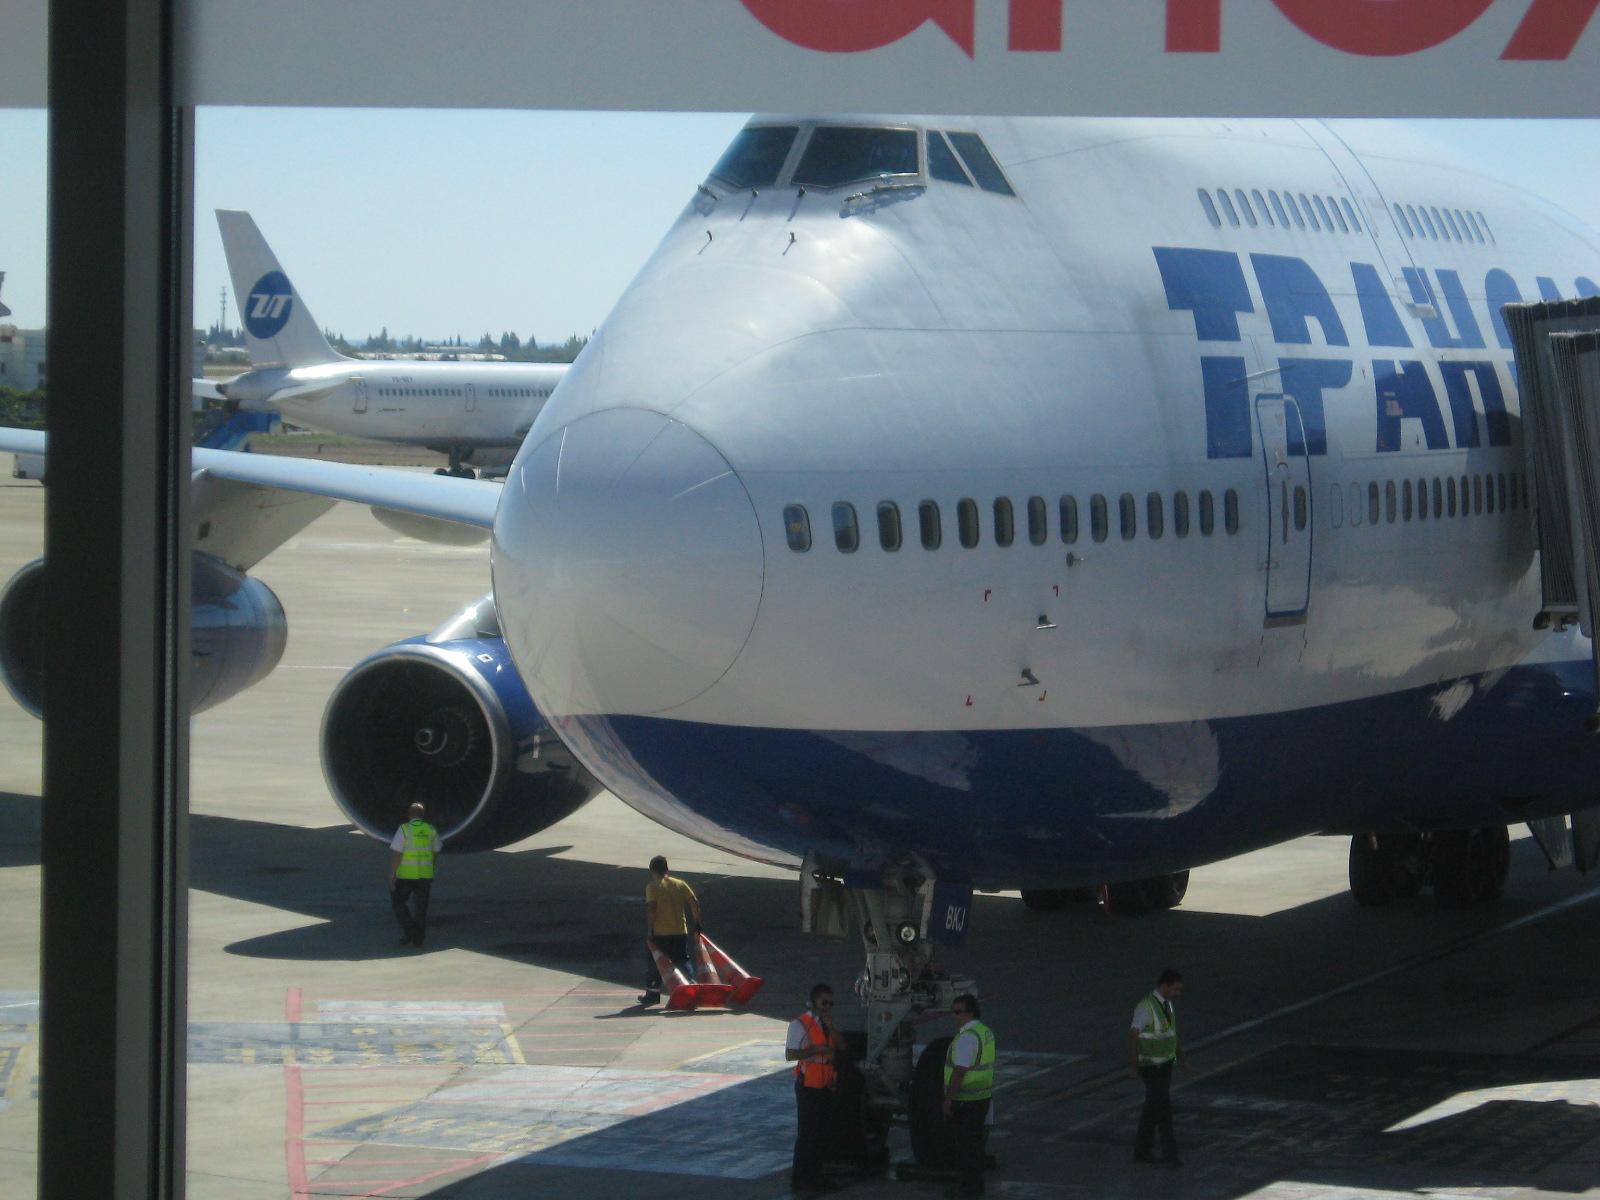 Перелёт из холодной России в жаркую Турцию на боинге 747-400 а/к Трансаэро.